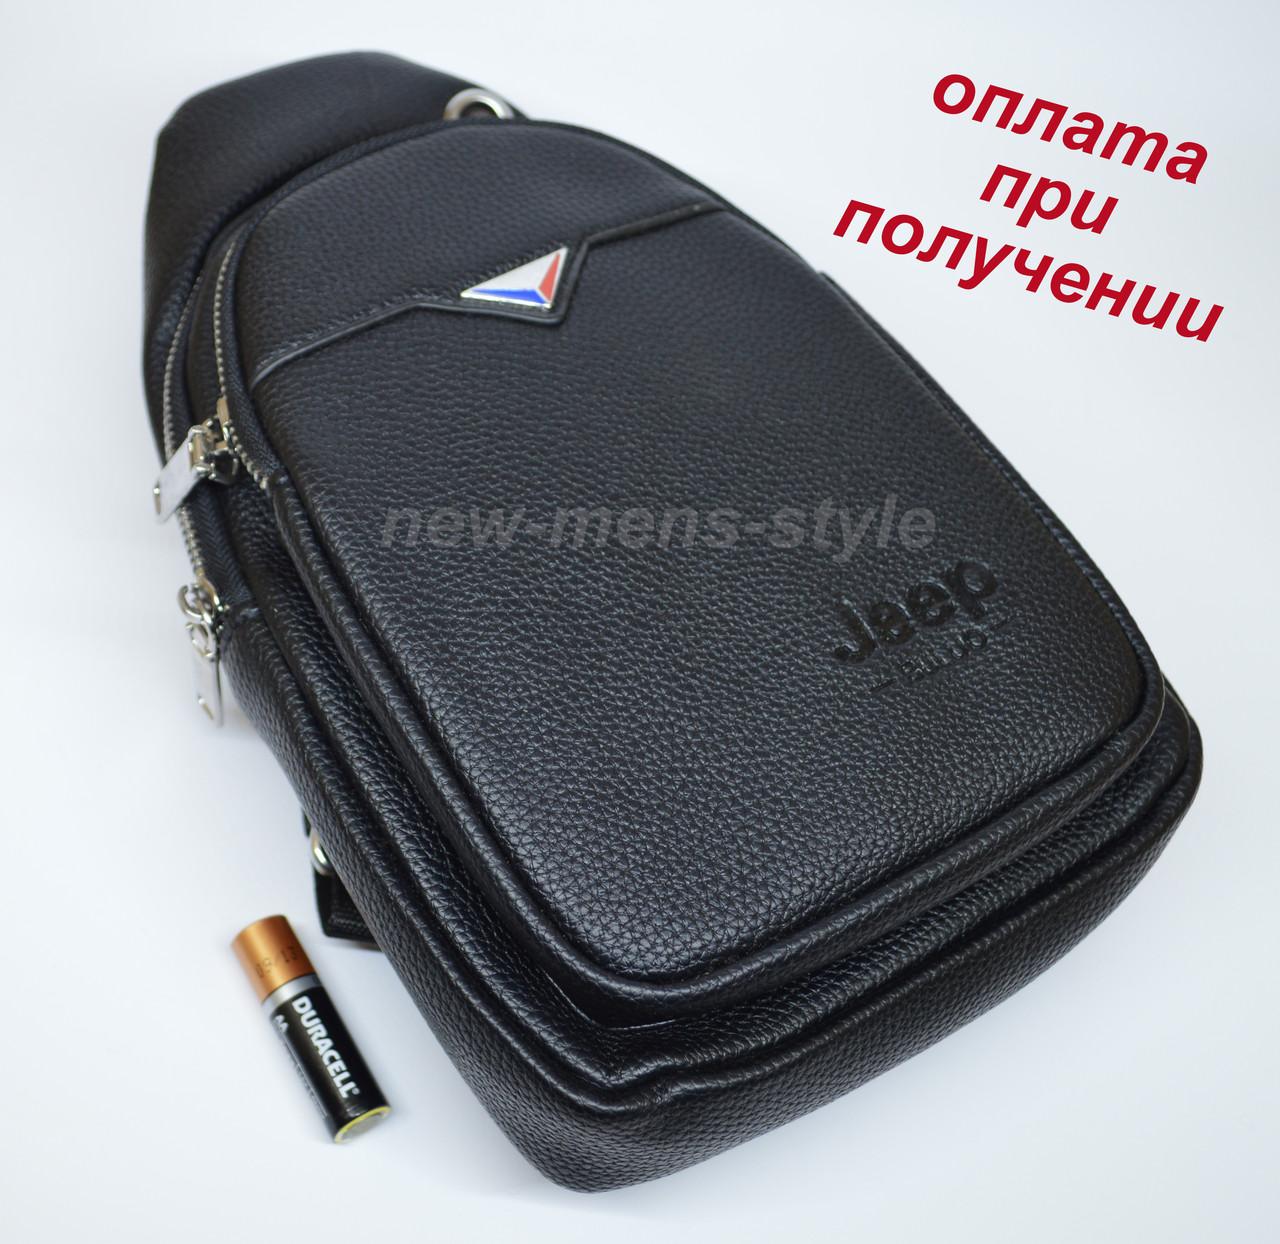 b4bd634375f3 Купить сейчас - Мужская спортивная кожаная сумка слинг рюкзак ...